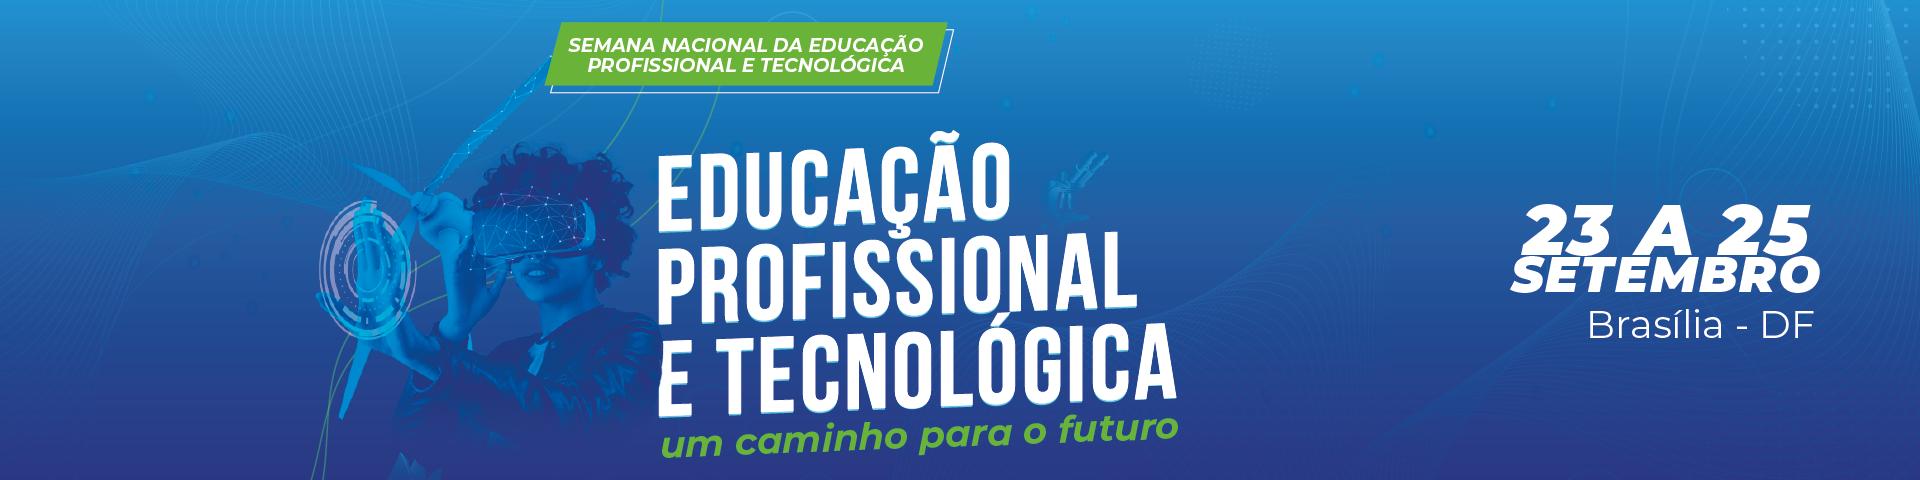 Semana da Educação Profissional e Tecnológica